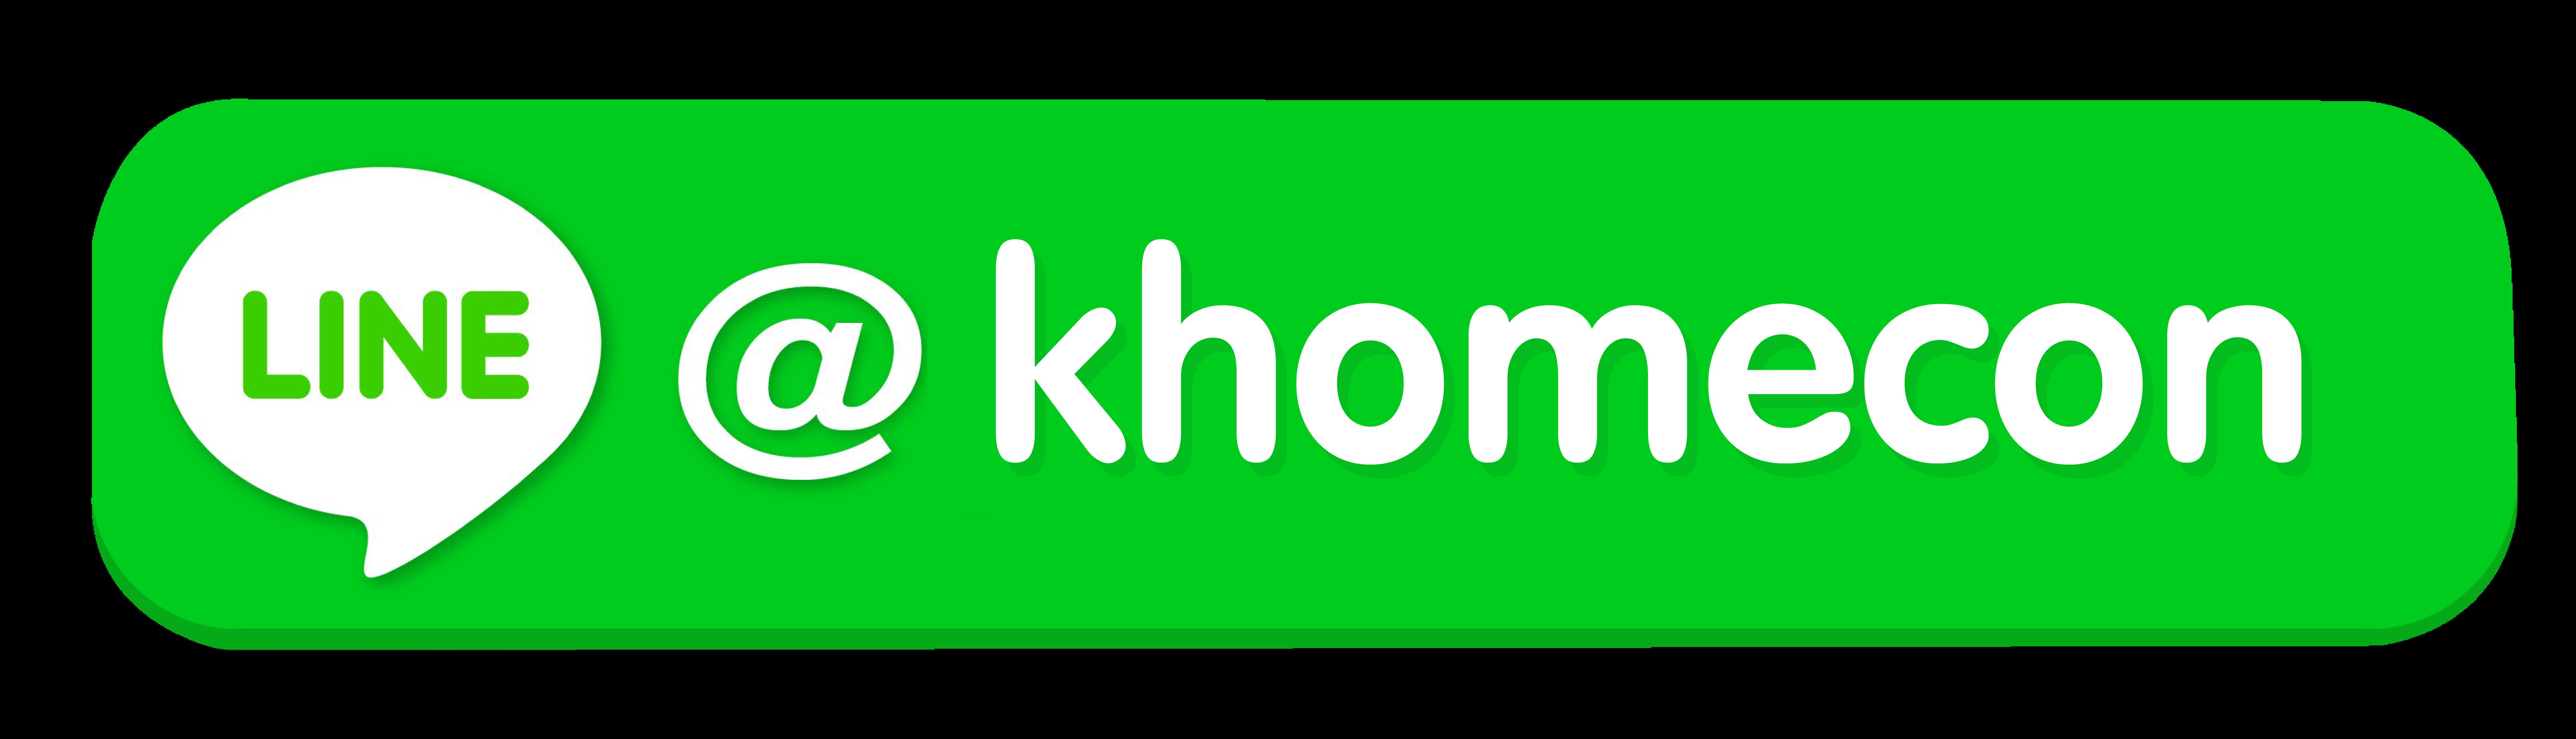 แอด line @khome